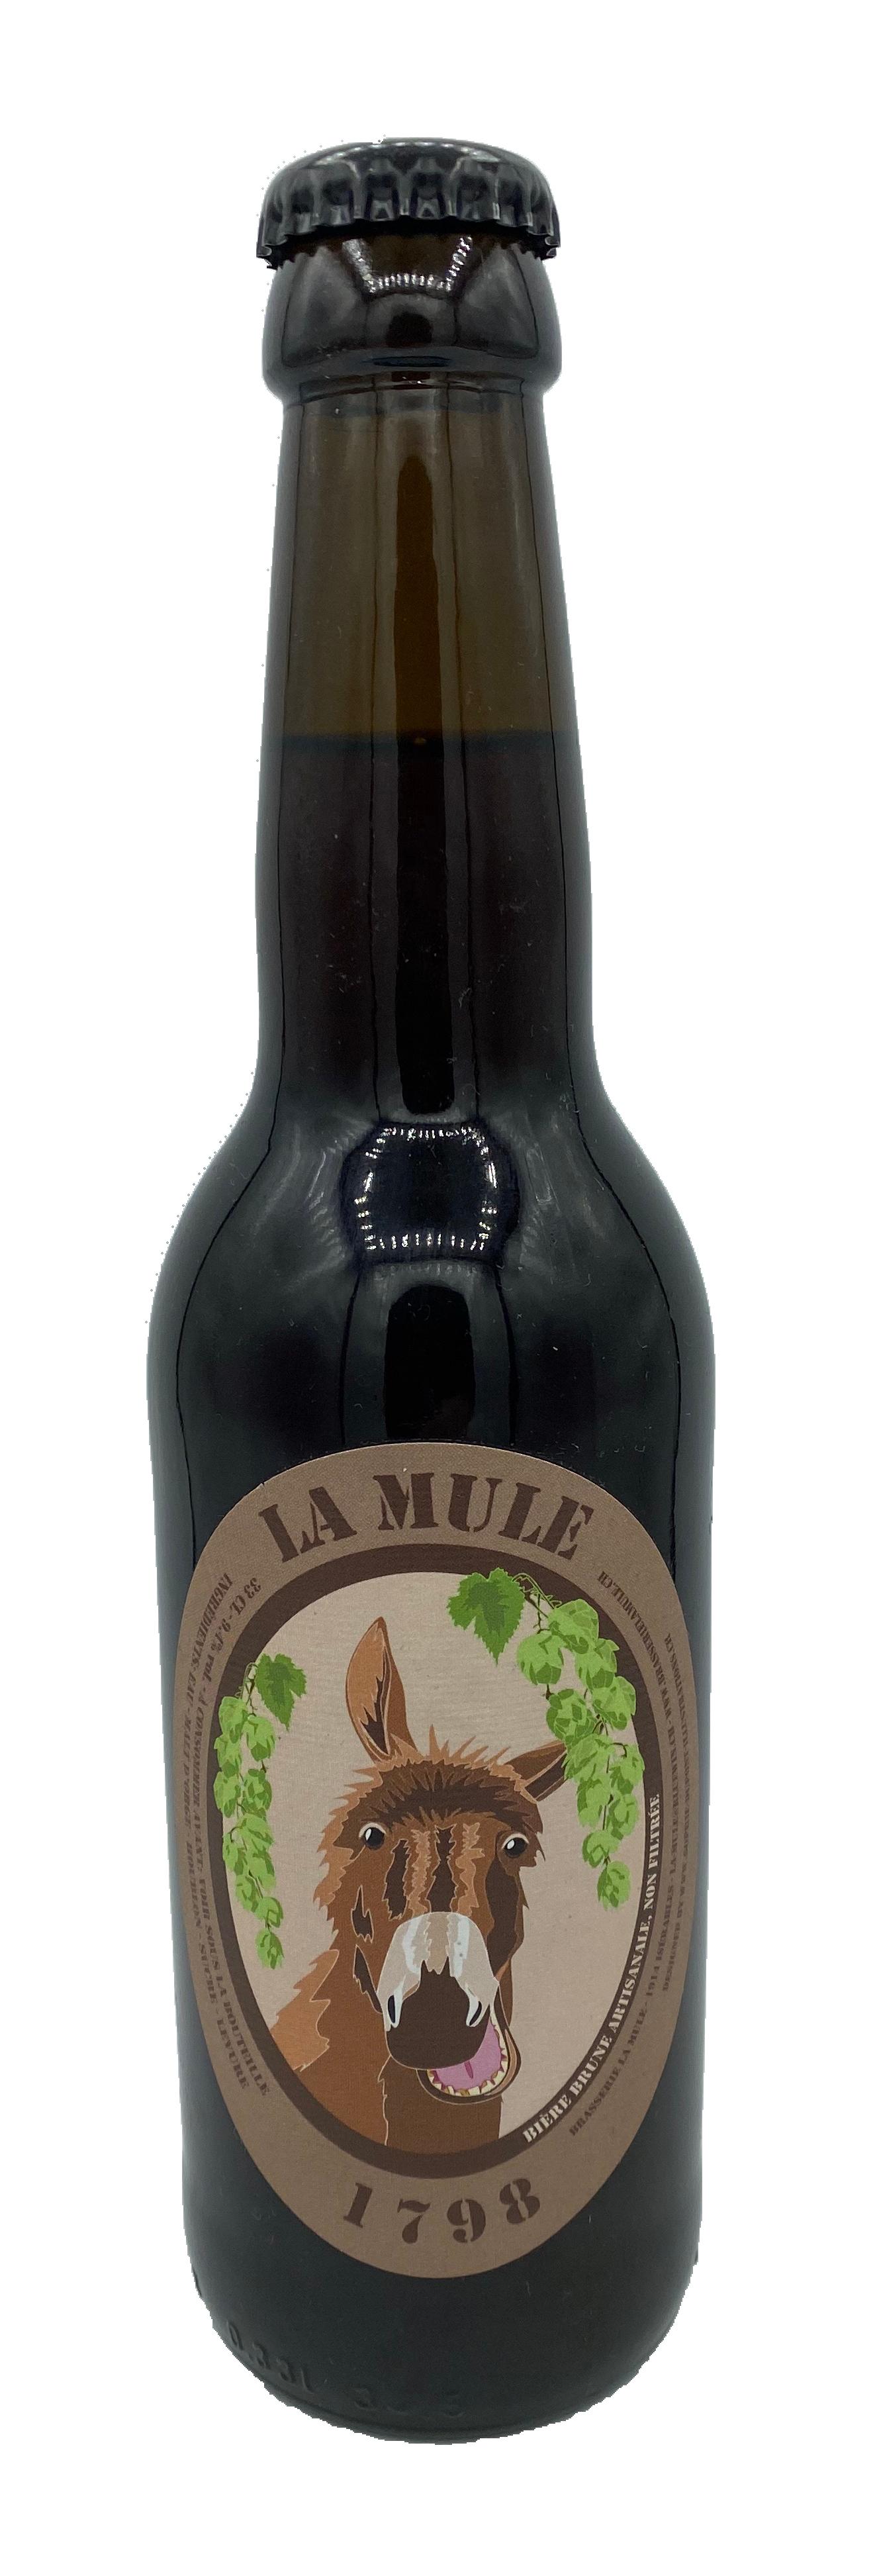 Mule-1798